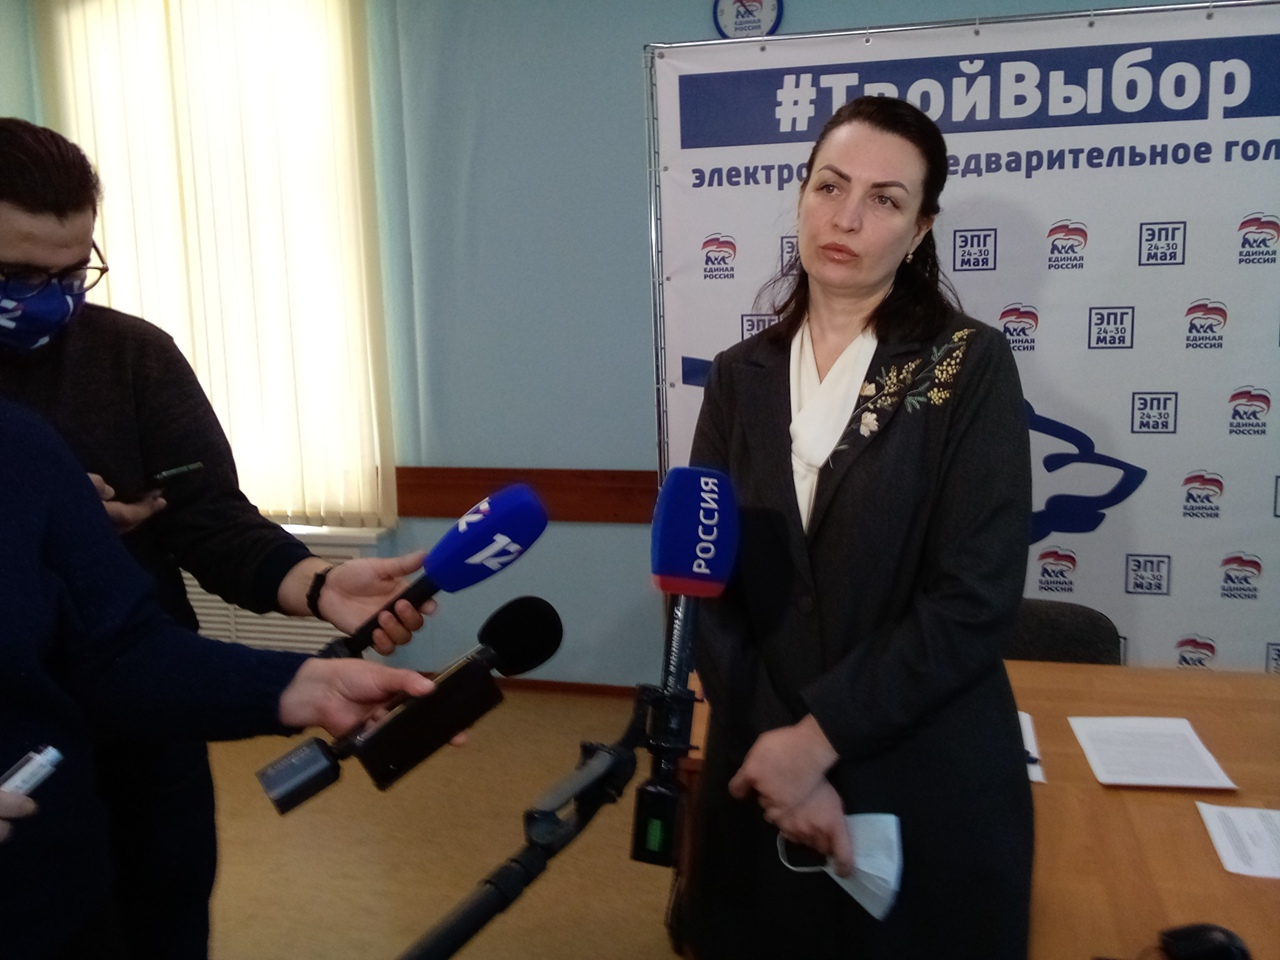 Фадина собралась еще и на выборы в Заксобрание #Новости #Общество #Омск